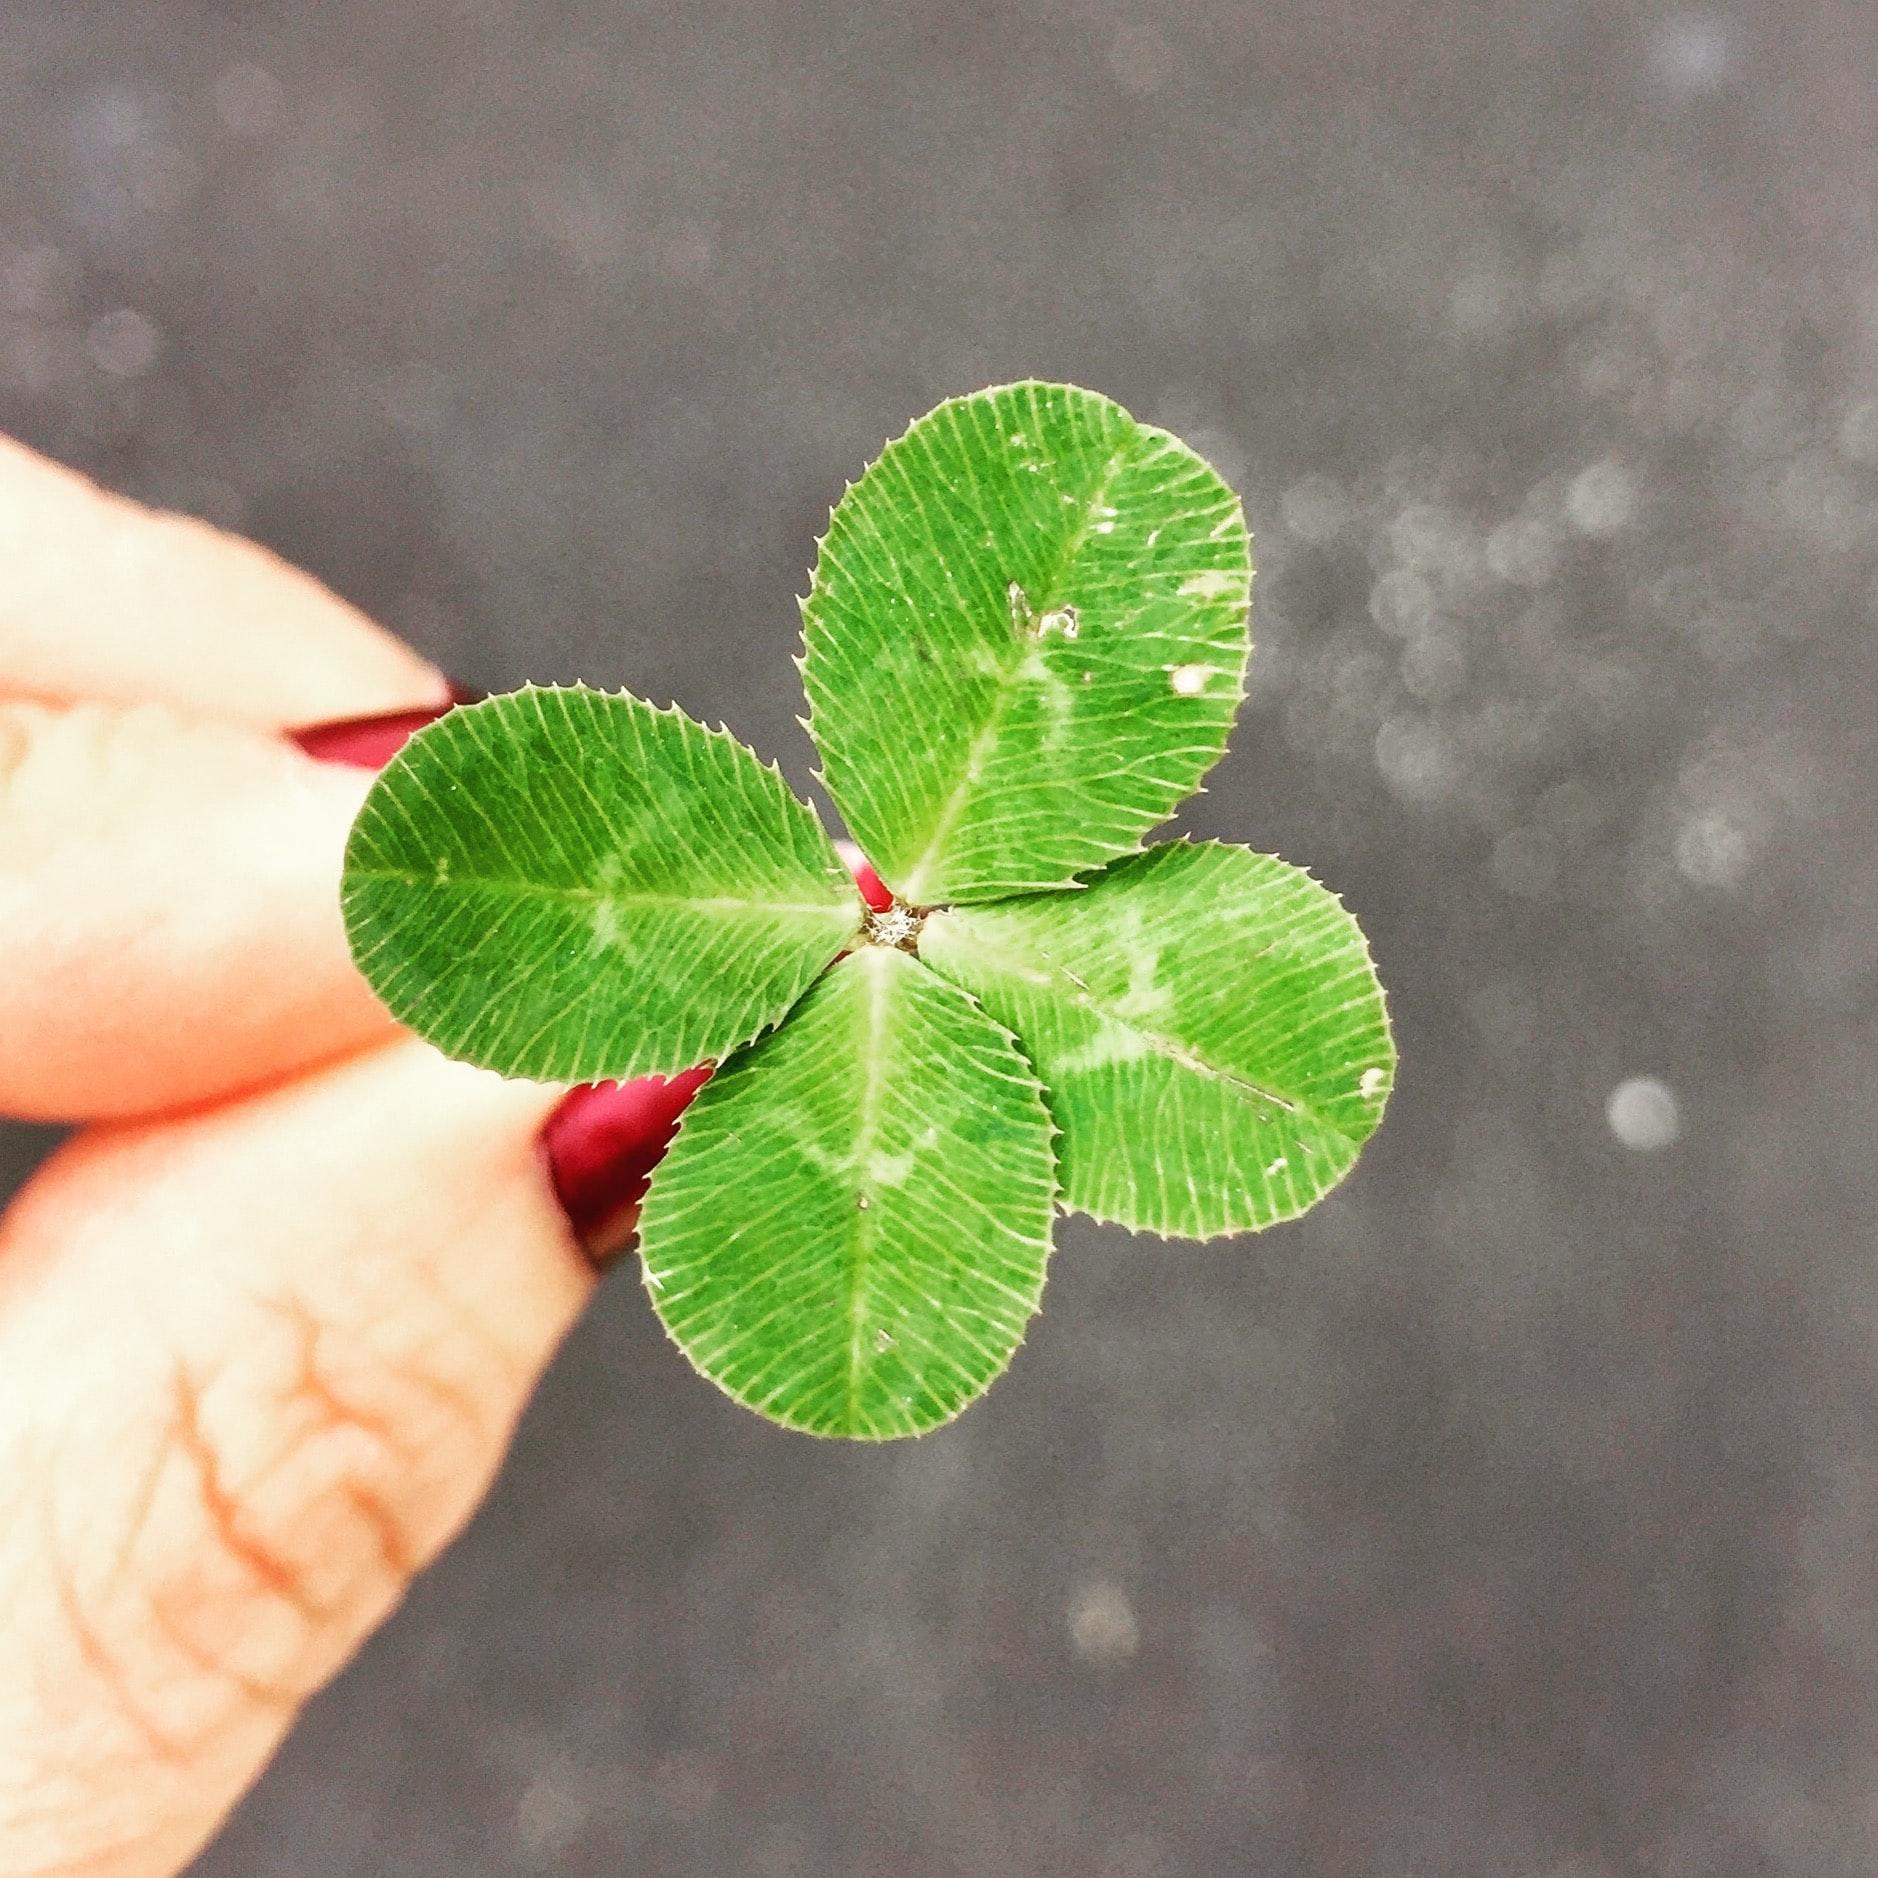 Geluksjagen Voor Pro's En 3 Tips